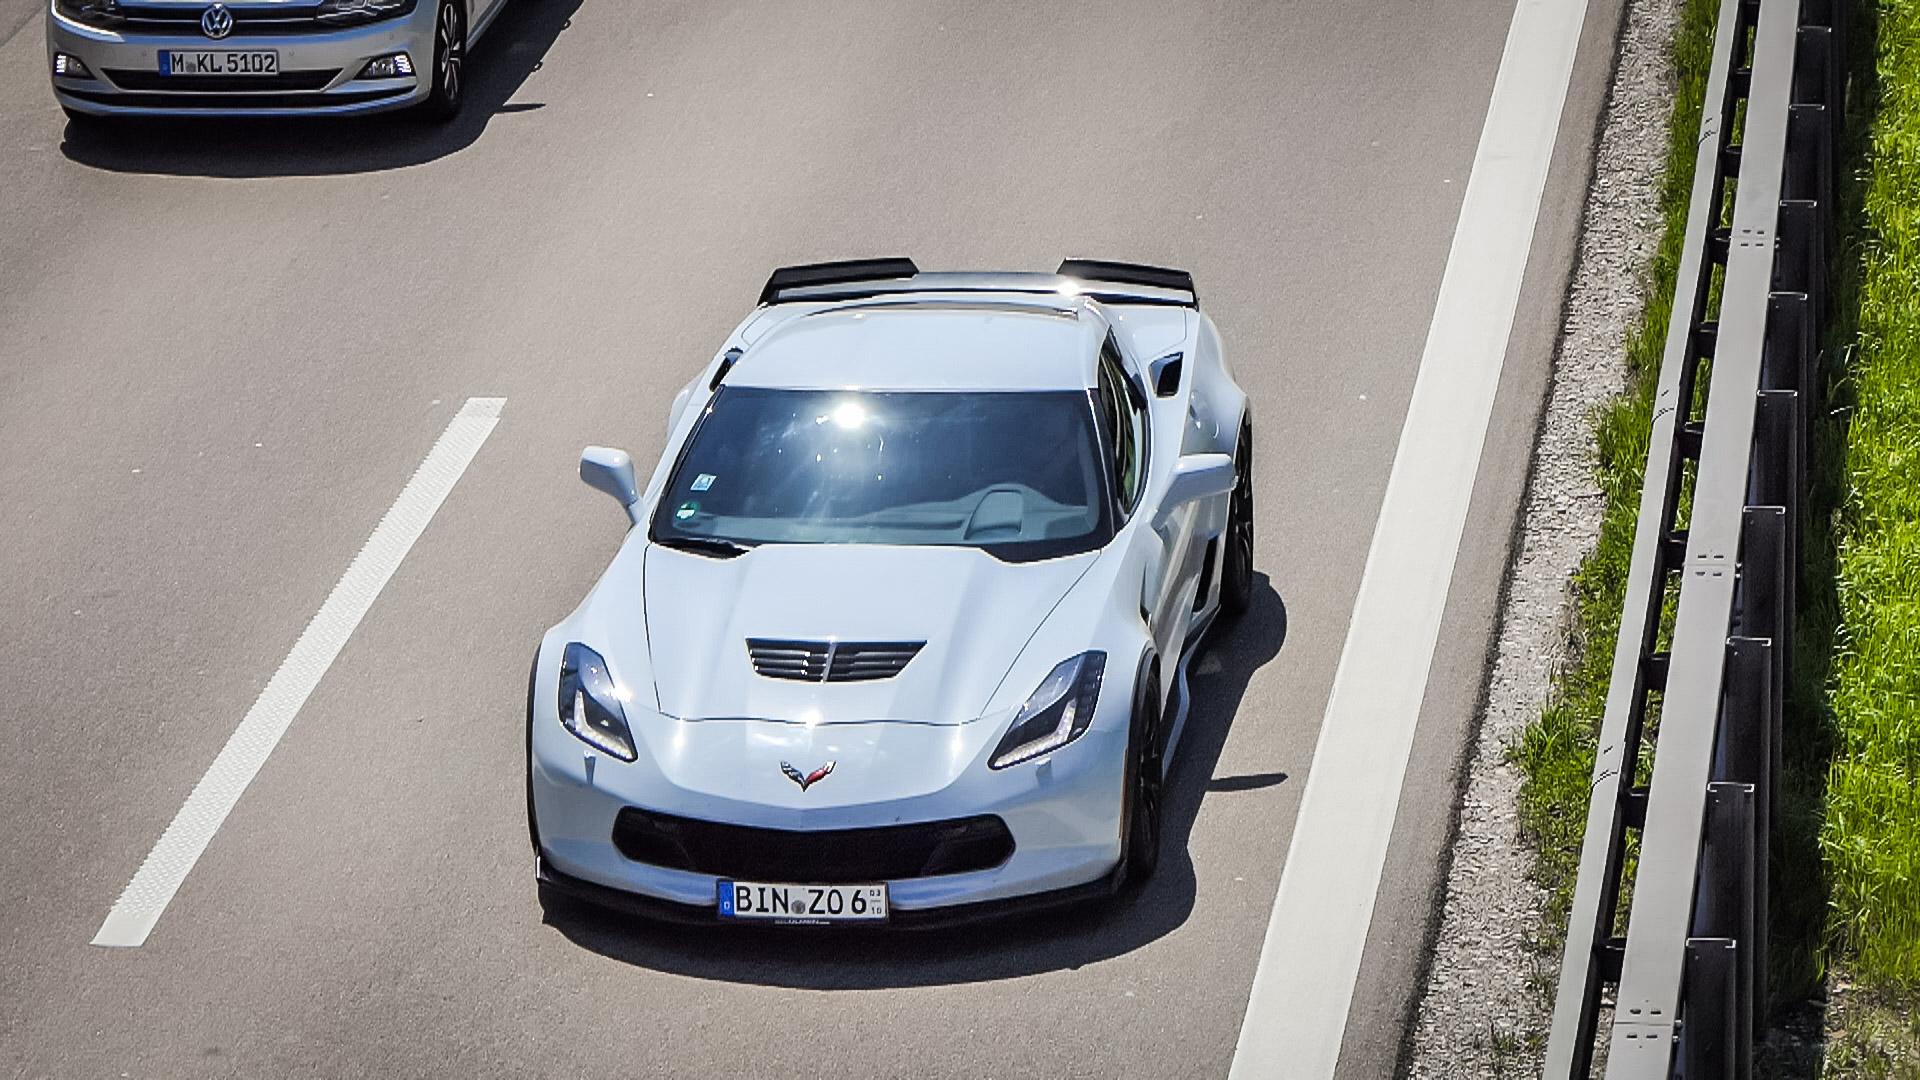 Chevrolet Corvette C7 Z06 - BIN-ZO-6